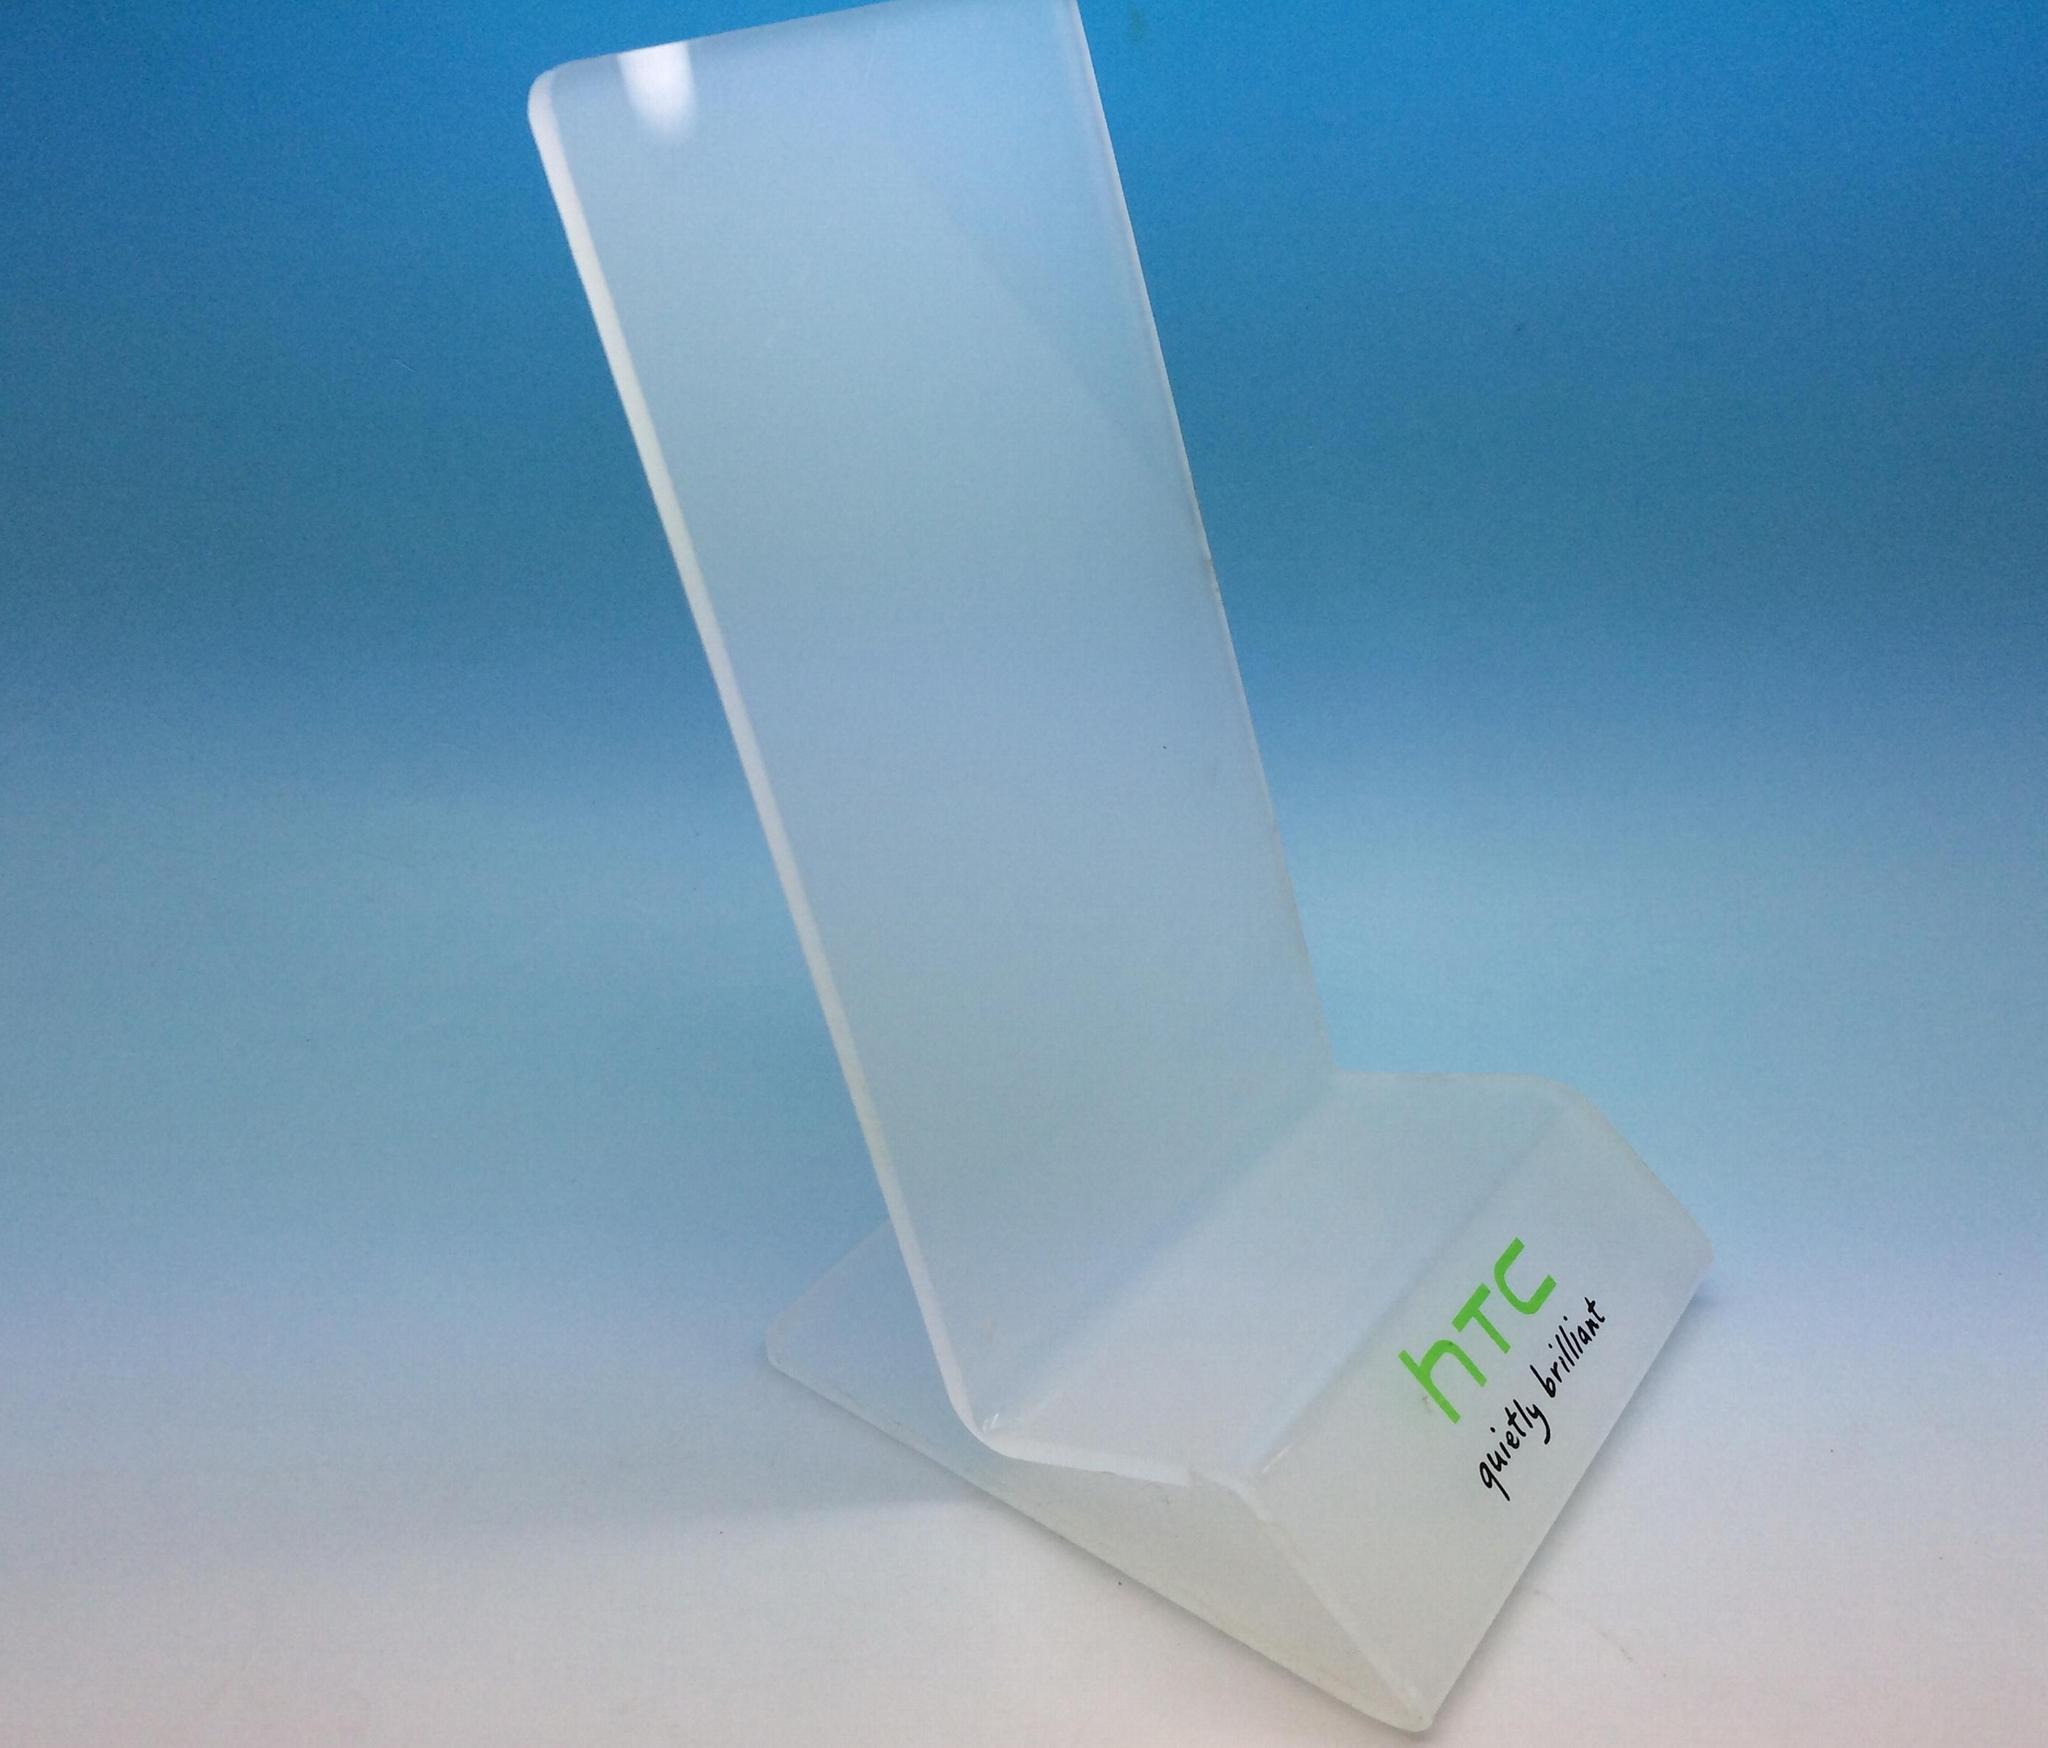 亞克力手機展示架 手機支架,亞克力透明手機展示架 4